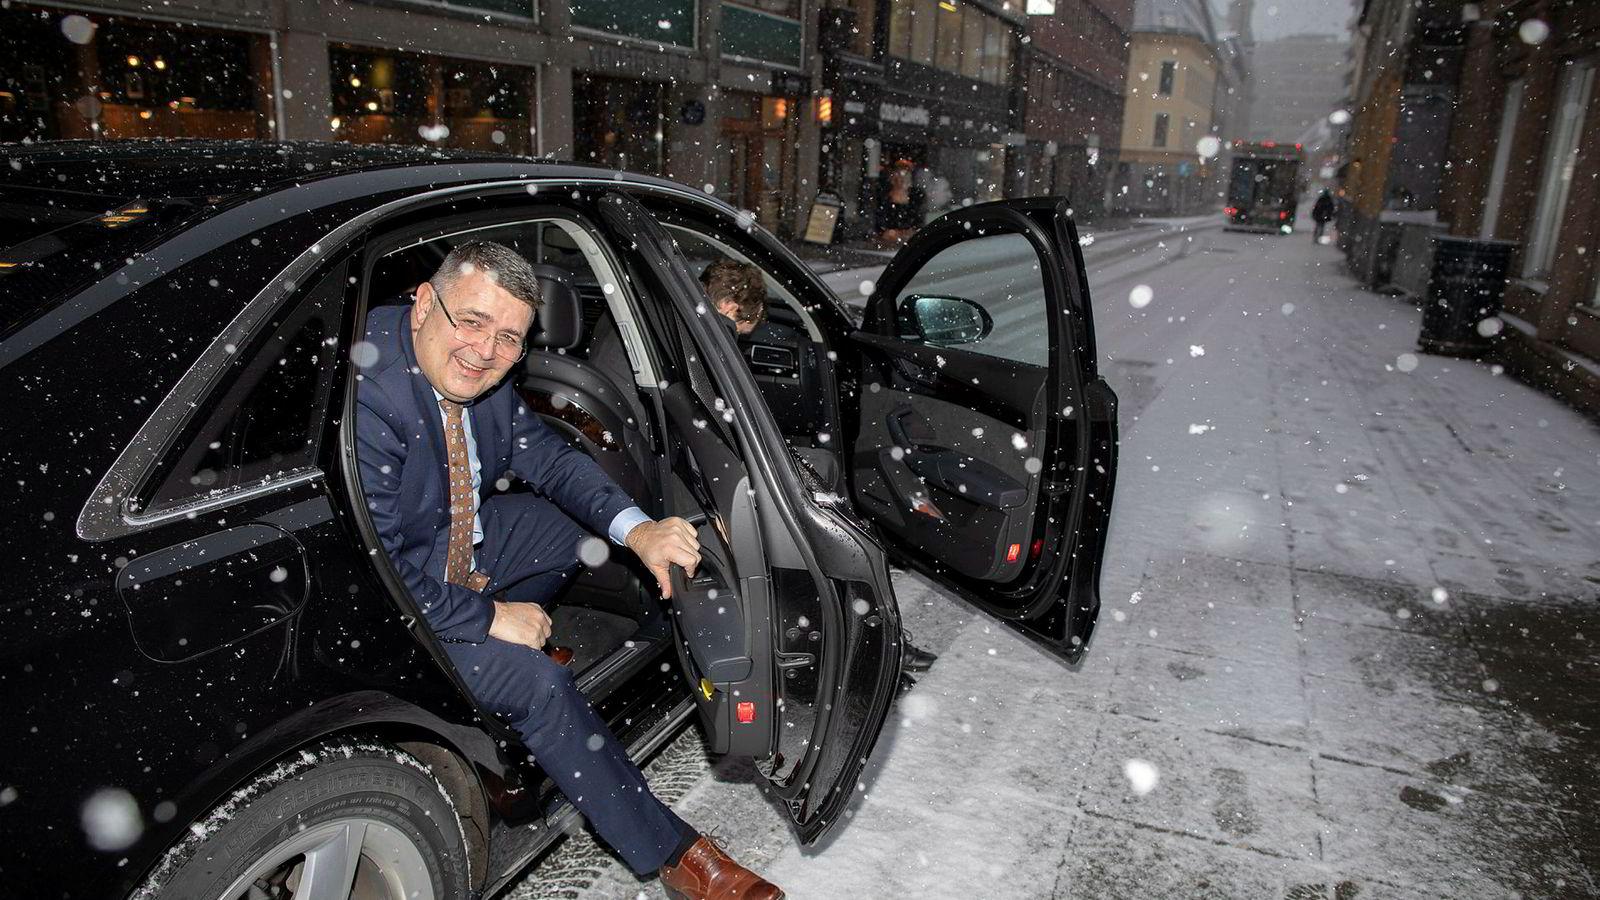 Oljeminister Kjell-Børge Freiberg dro tirsdag formiddag fra regjeringskvartalet i snøvær på vei til Sandefjord-konferansen. Han omtalte seg selv som «Snømannen Freiberg».